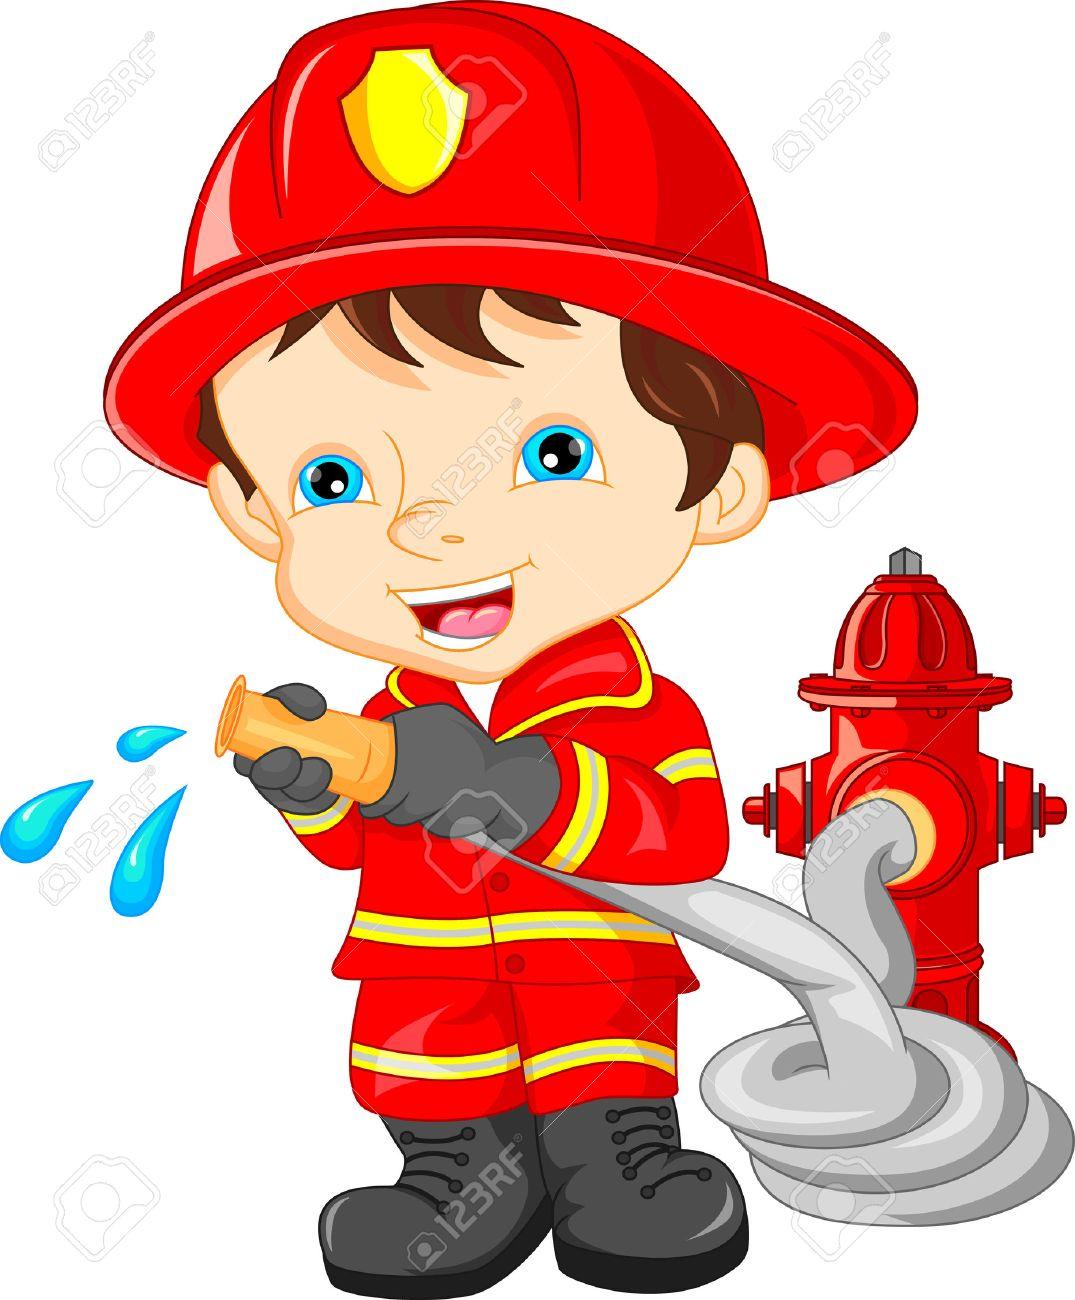 Pompier à La Caserne Des Pompiers Illustration Clip Art Libres De Droits ,  Vecteurs Et Illustration. Image 61350224.